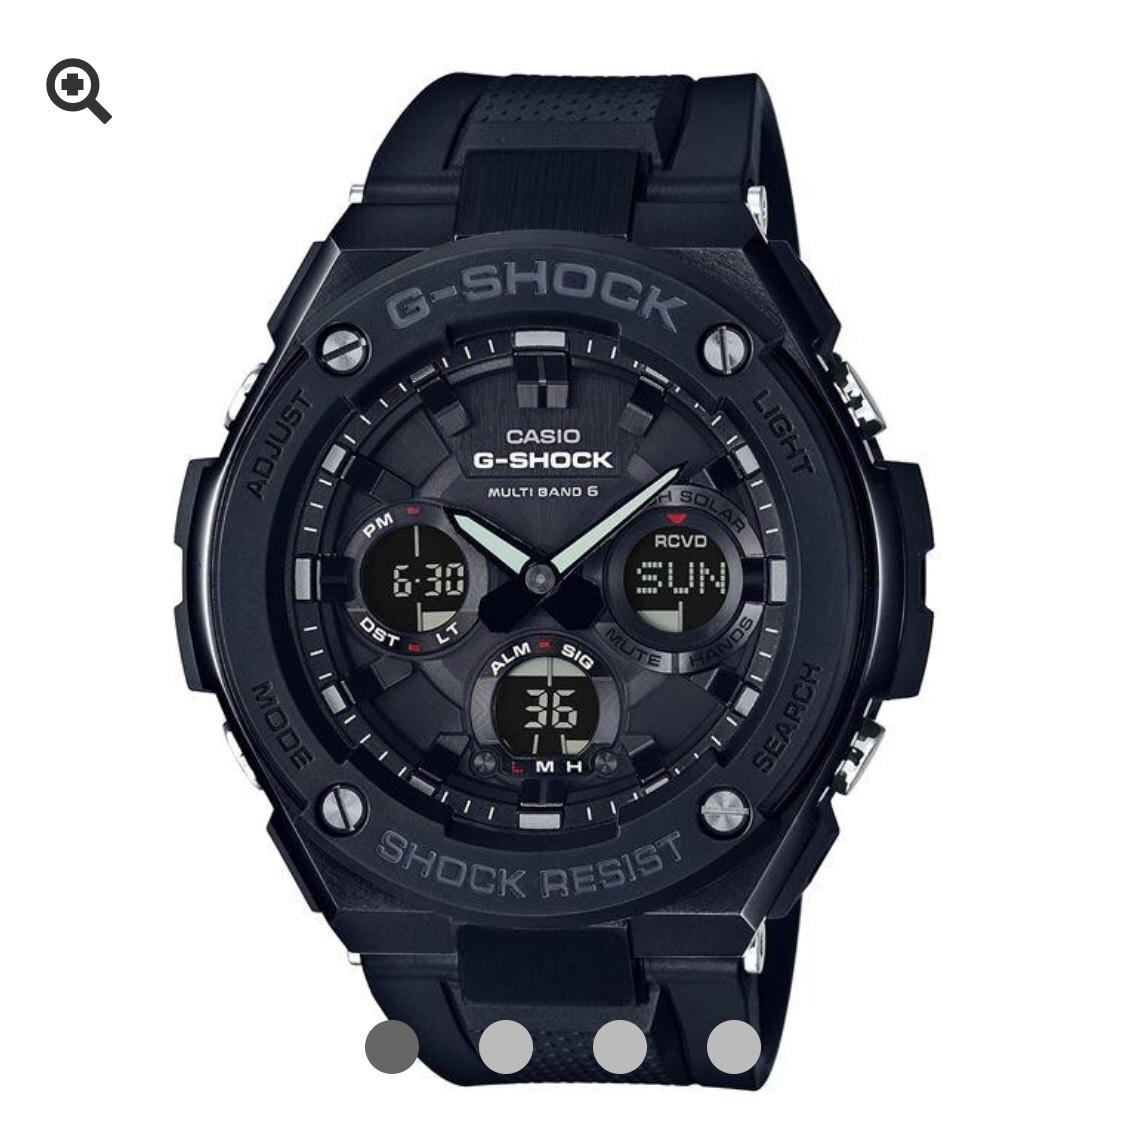 Casio G-Shock [Steel Series]GST-W100G-1BER Wristwatch for £146.99 delivered @ van mildert